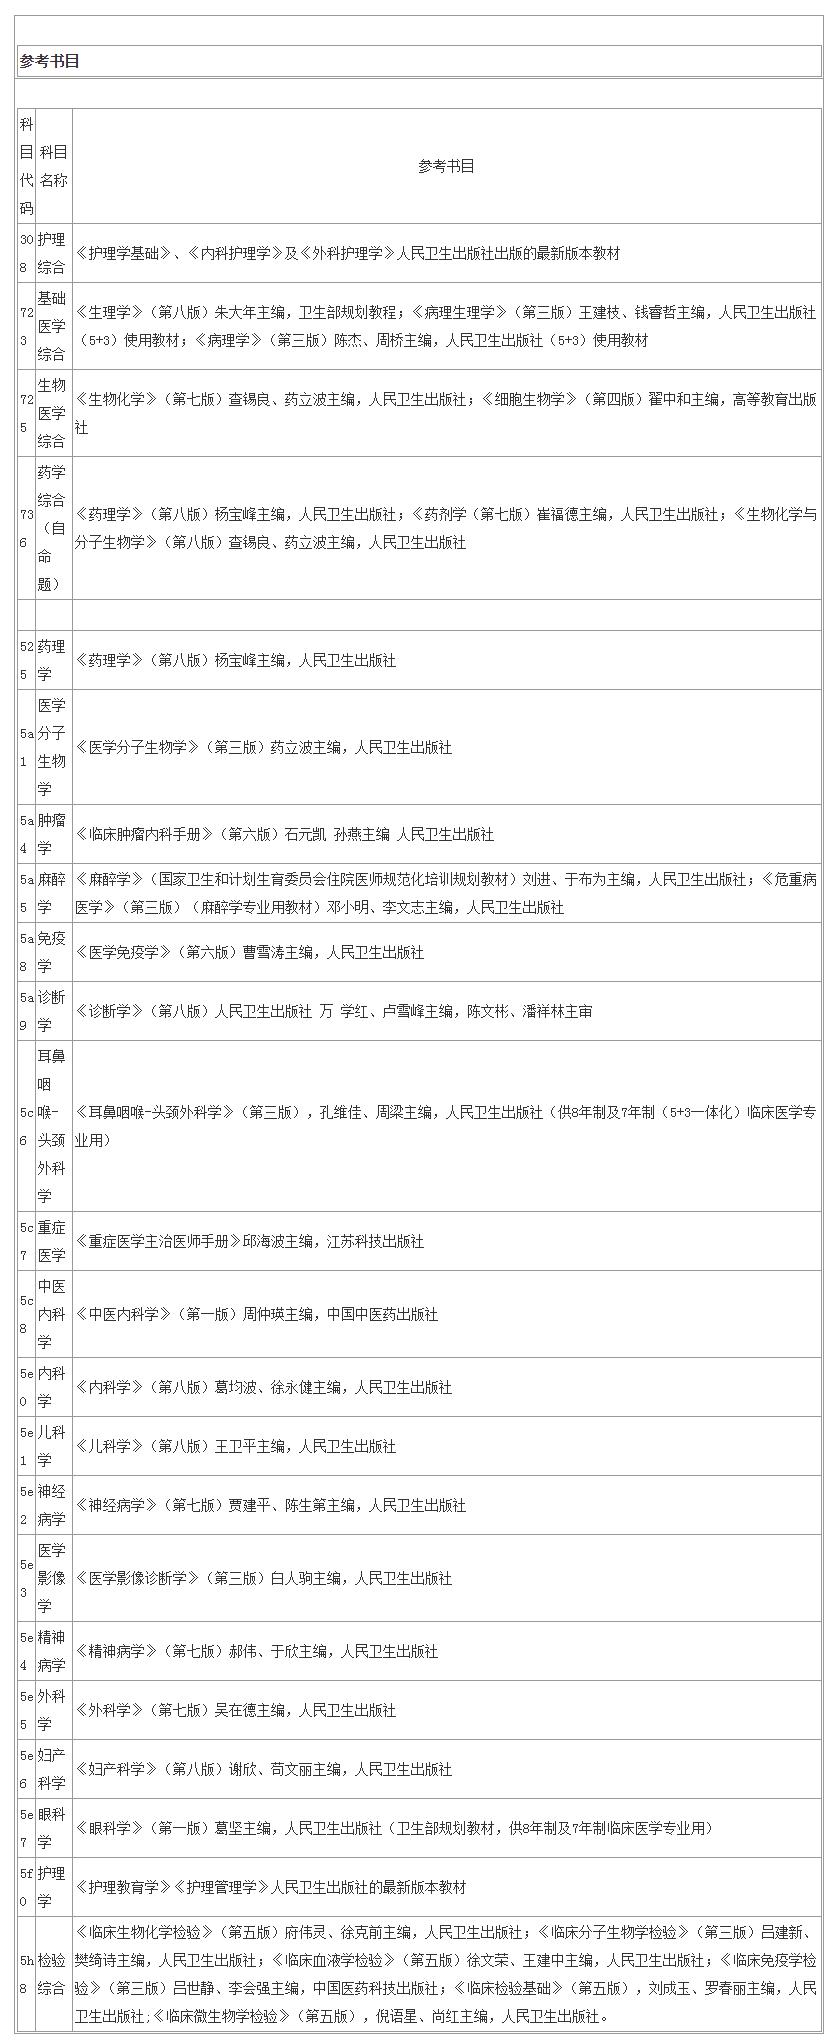 湖南大学2019考研参考书